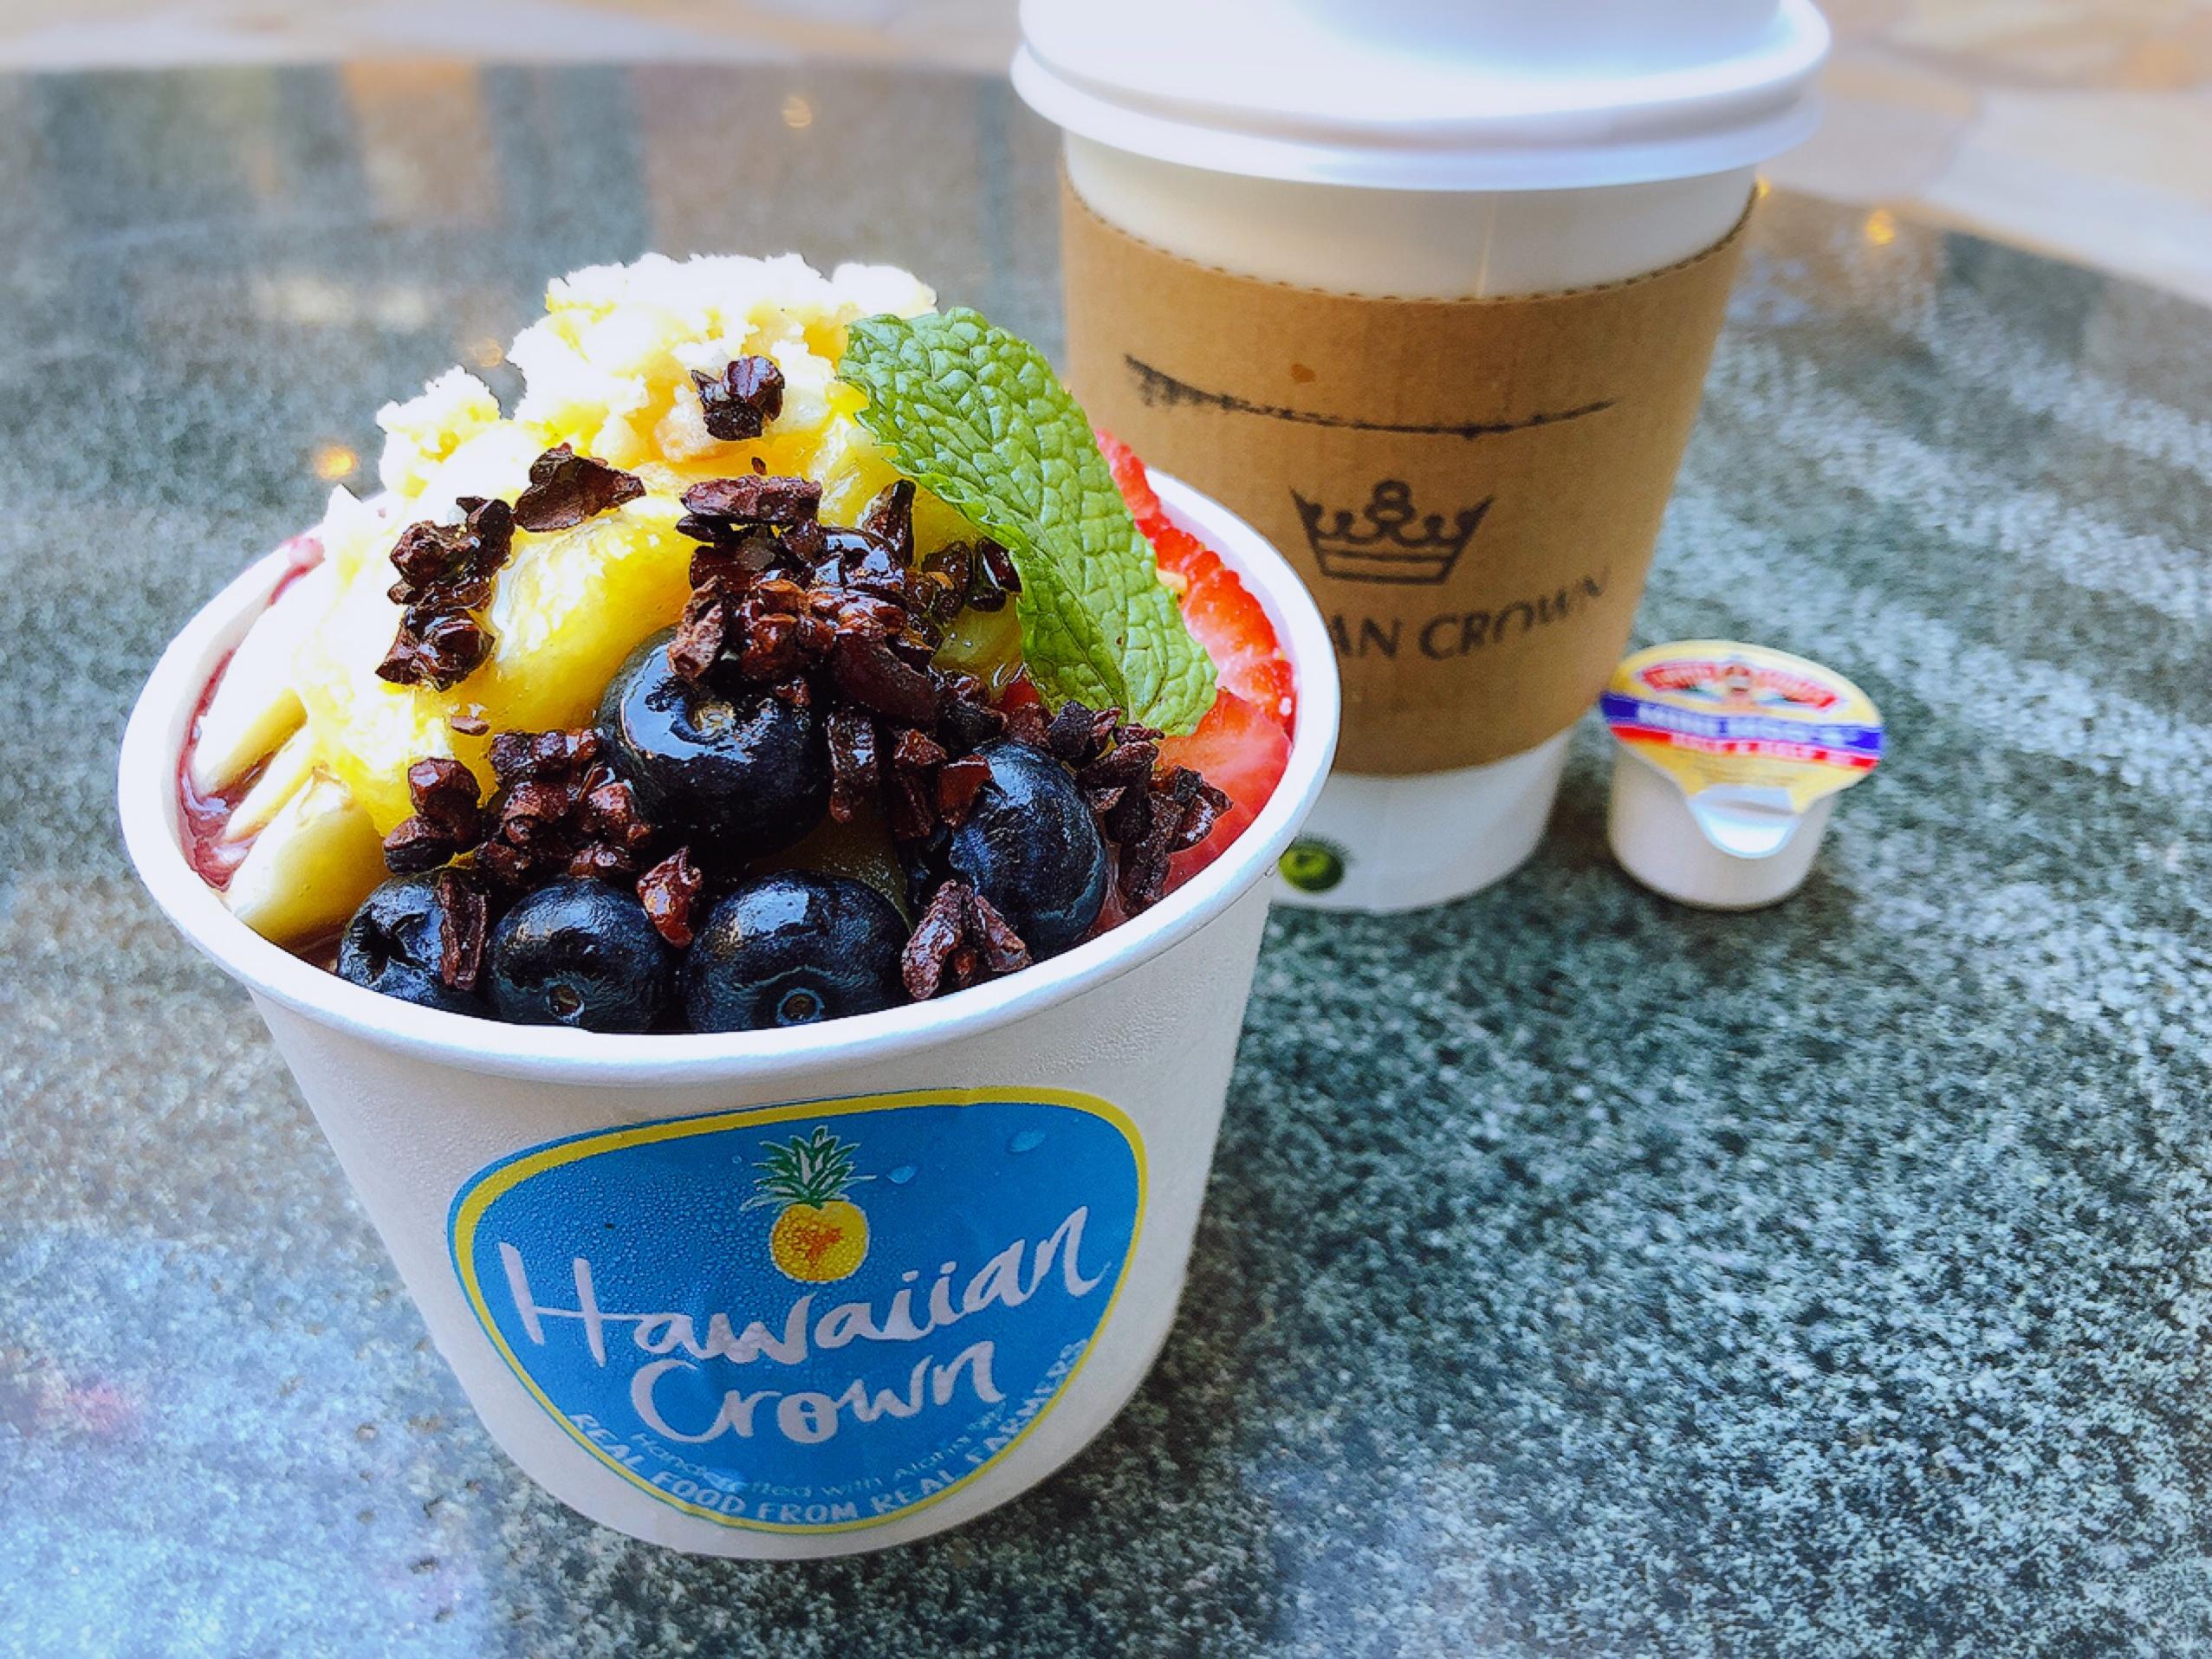 【Hawaii】ハワイ好きさん必見!あまあまパイナップルが美味◡̈♡絶対食べたい!アサイーボウルのお店に行ってきました♩_1